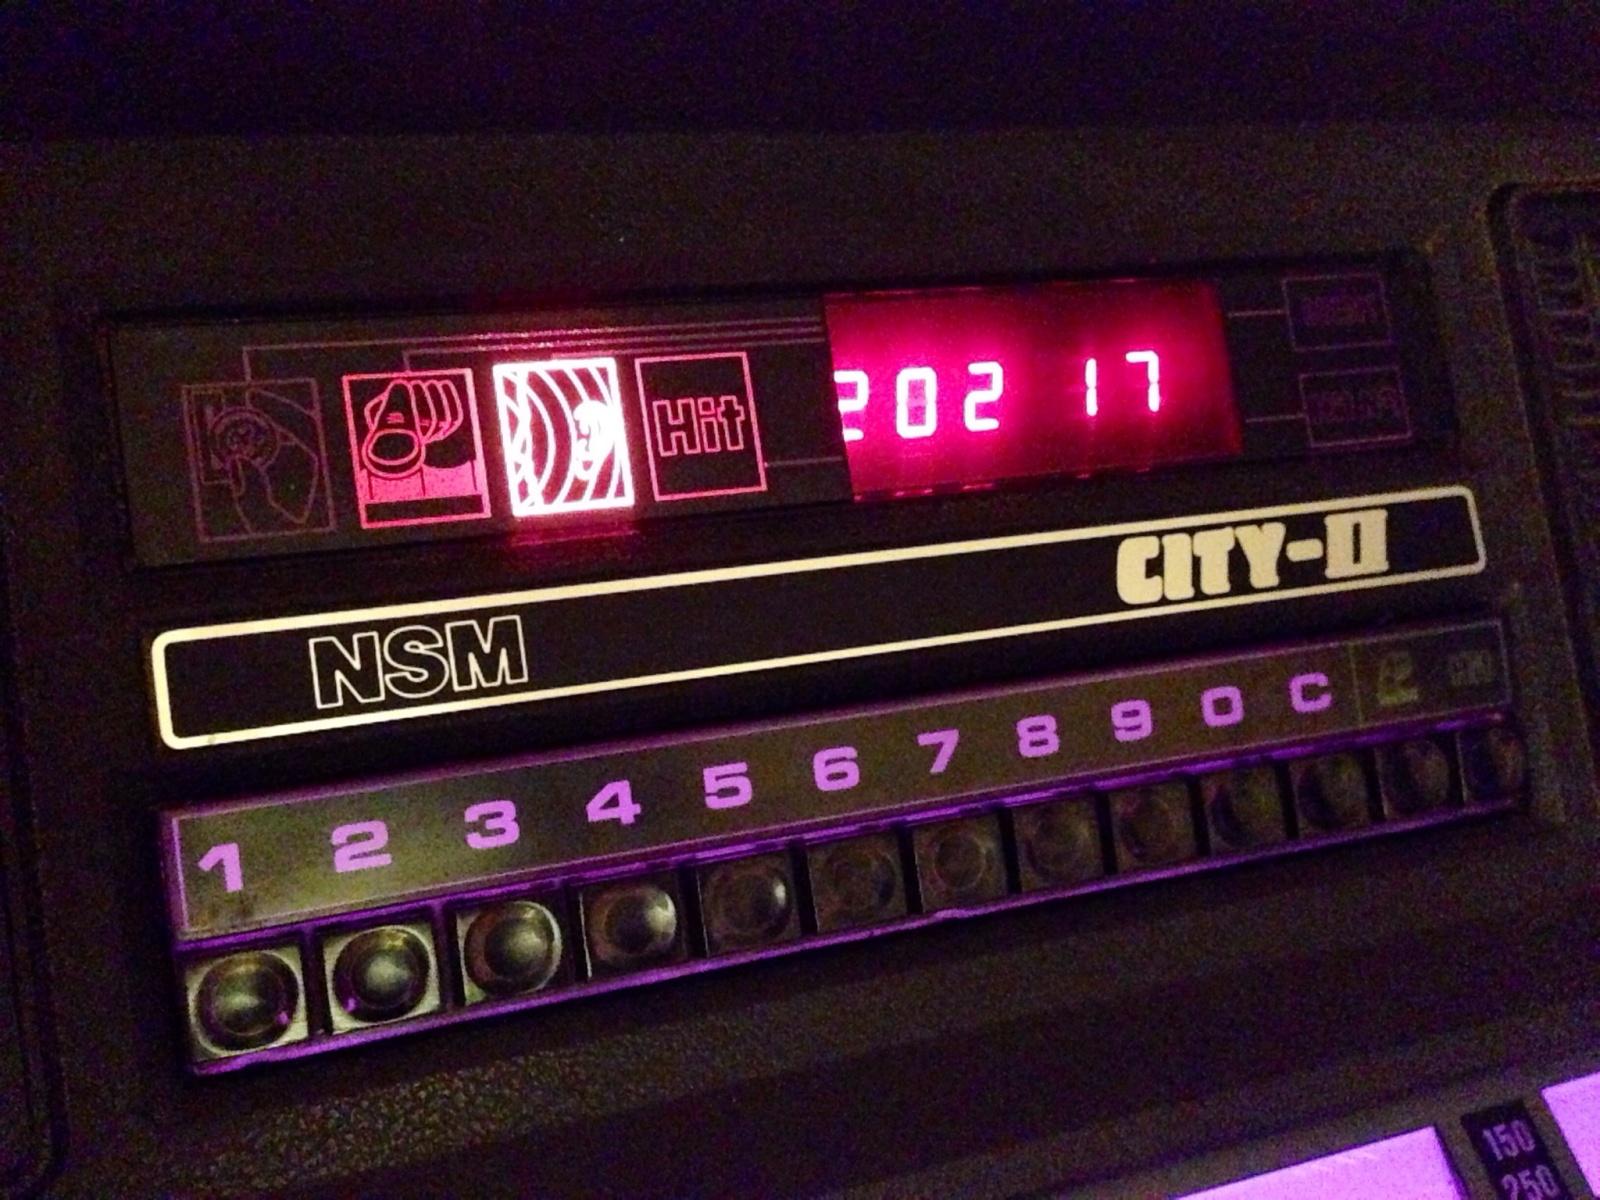 Tocadiscos de los 80 restaurado. - Página 2 8vnbk0